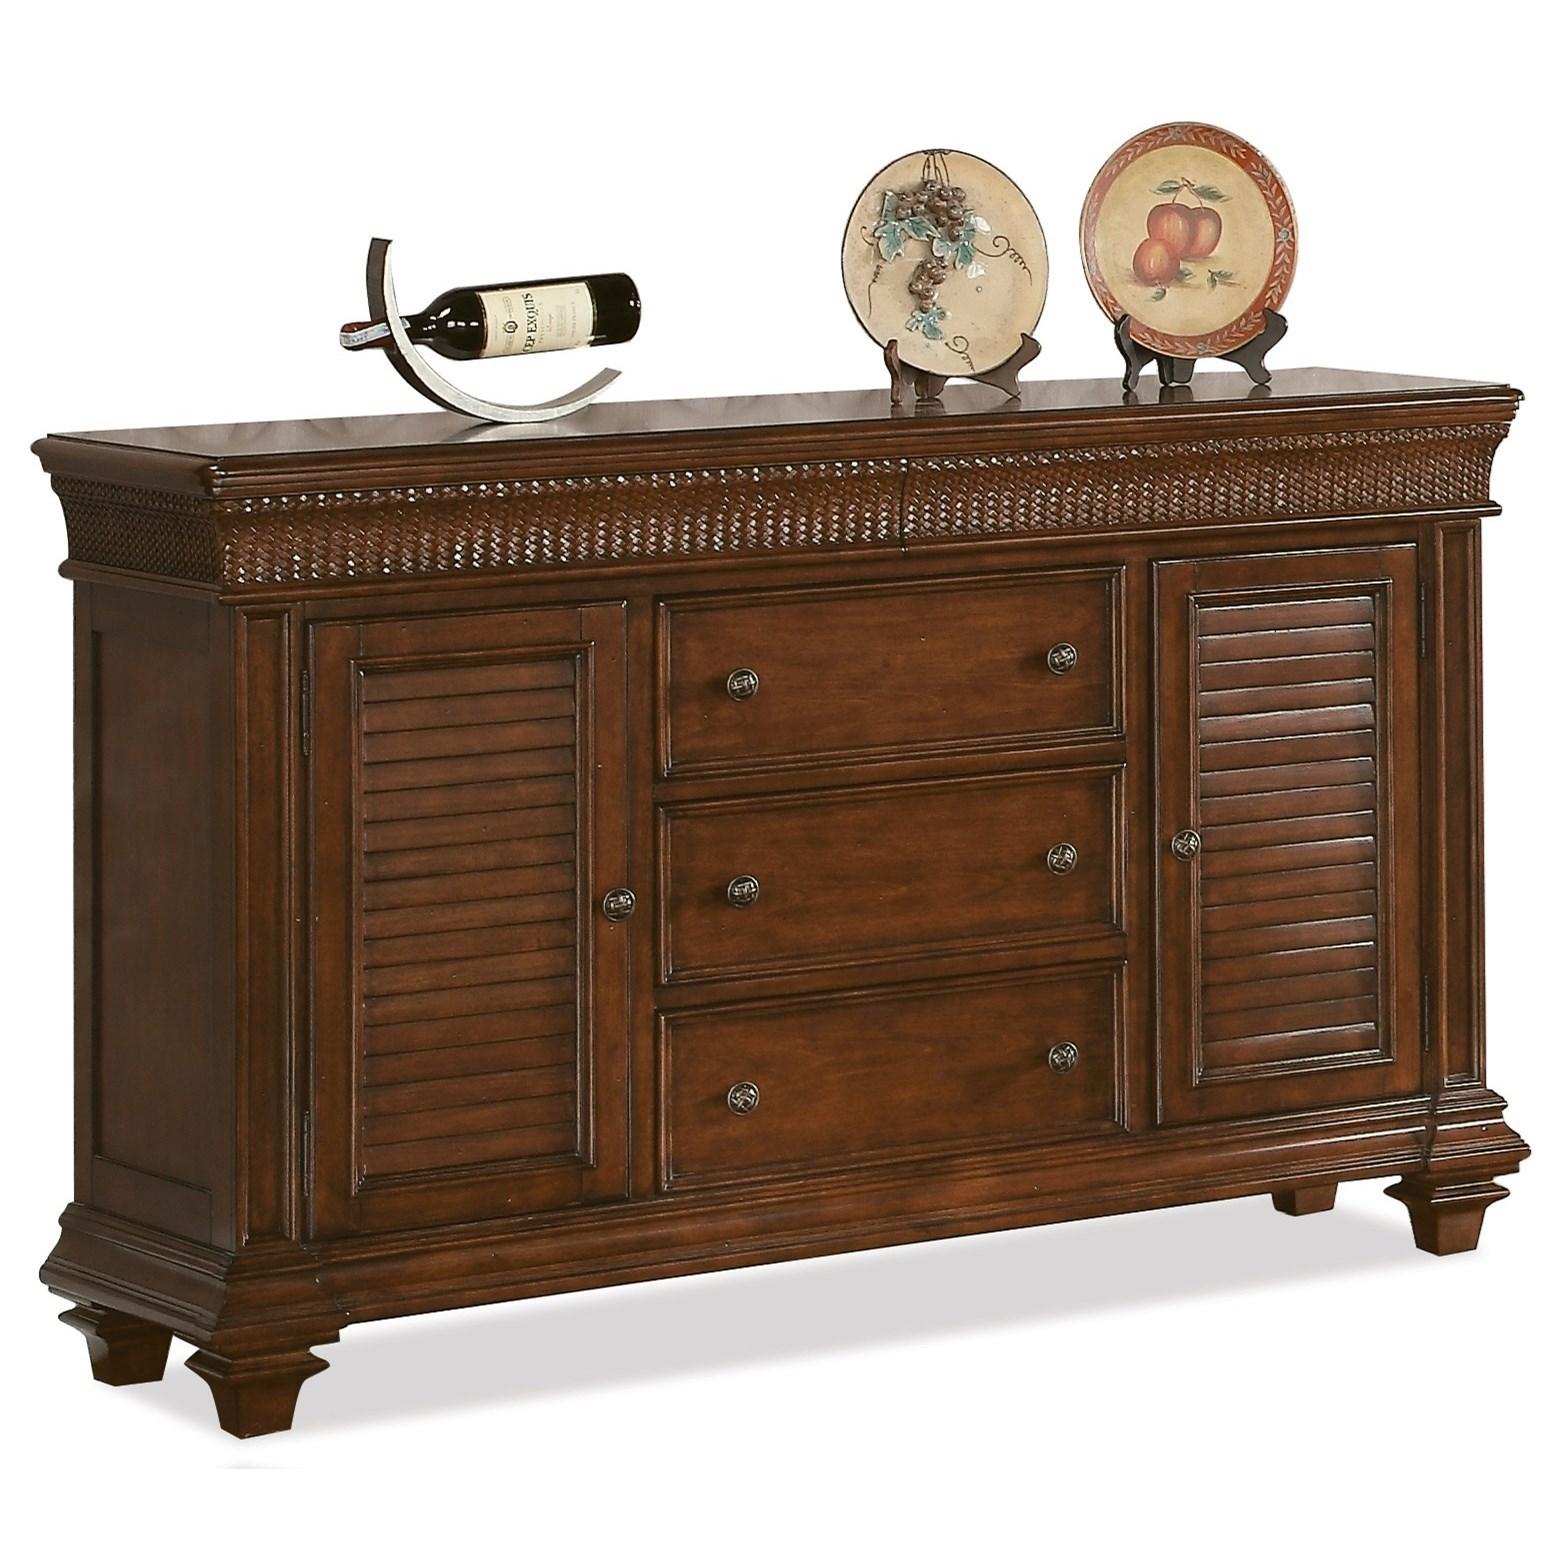 Riverside Furniture Windward Bay Server - Item Number: 42856